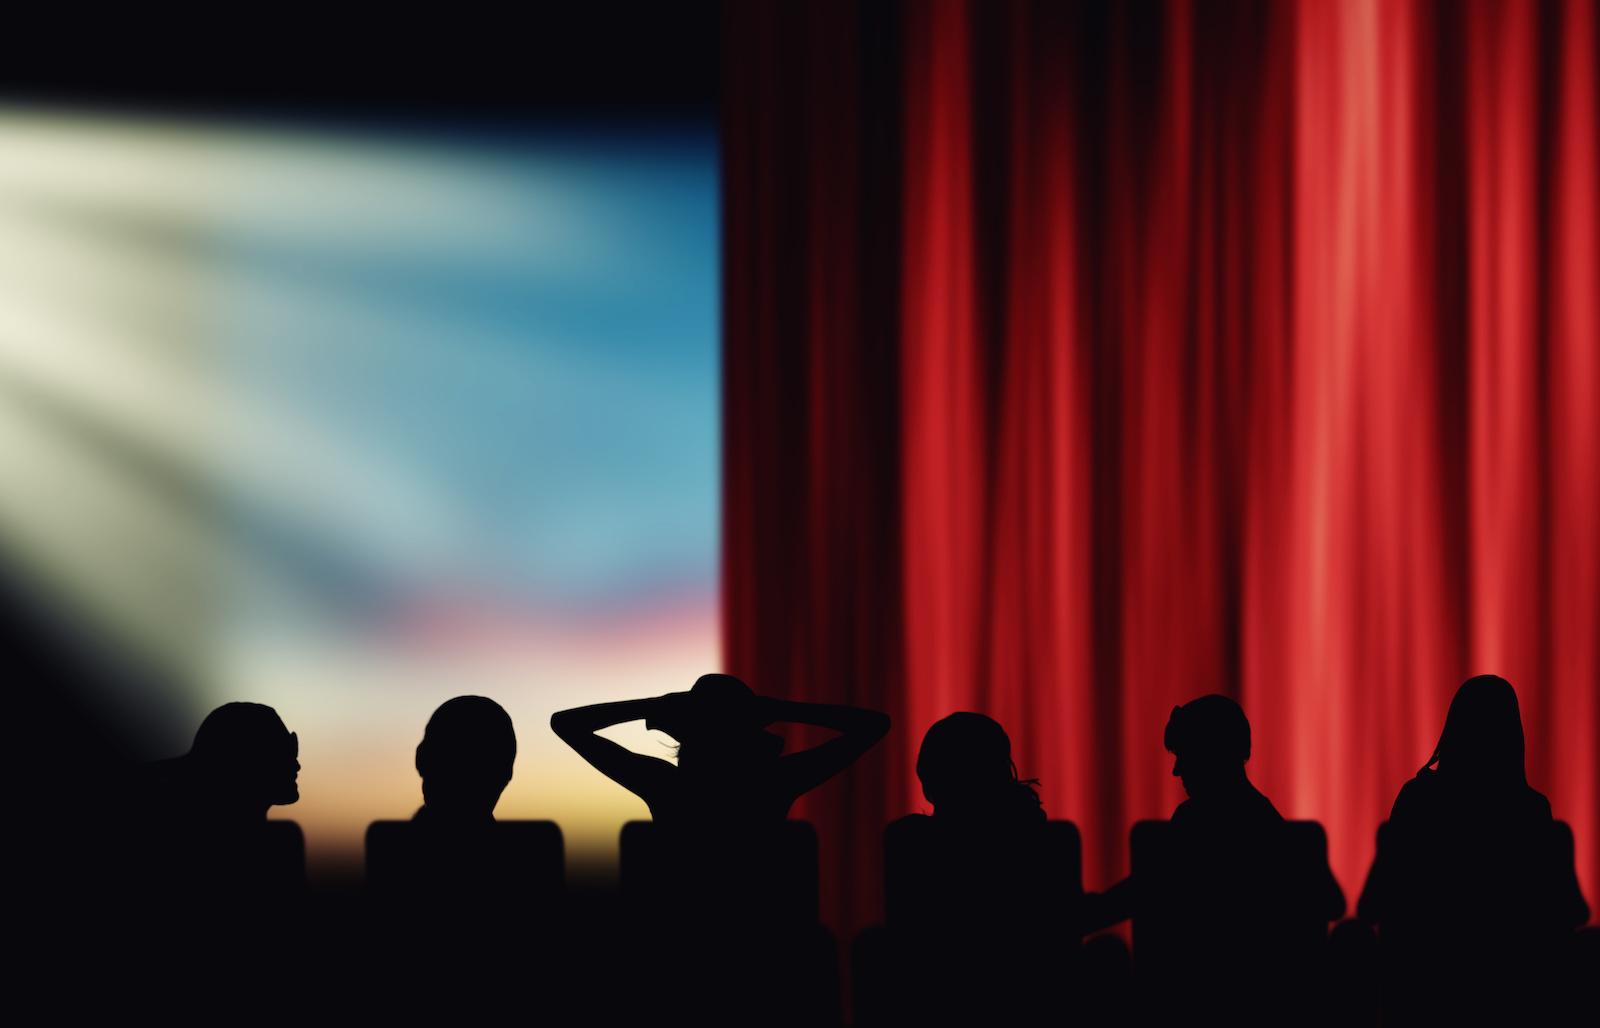 Nowe filmy w 2019. Na które premiery czekamy najbardziej?